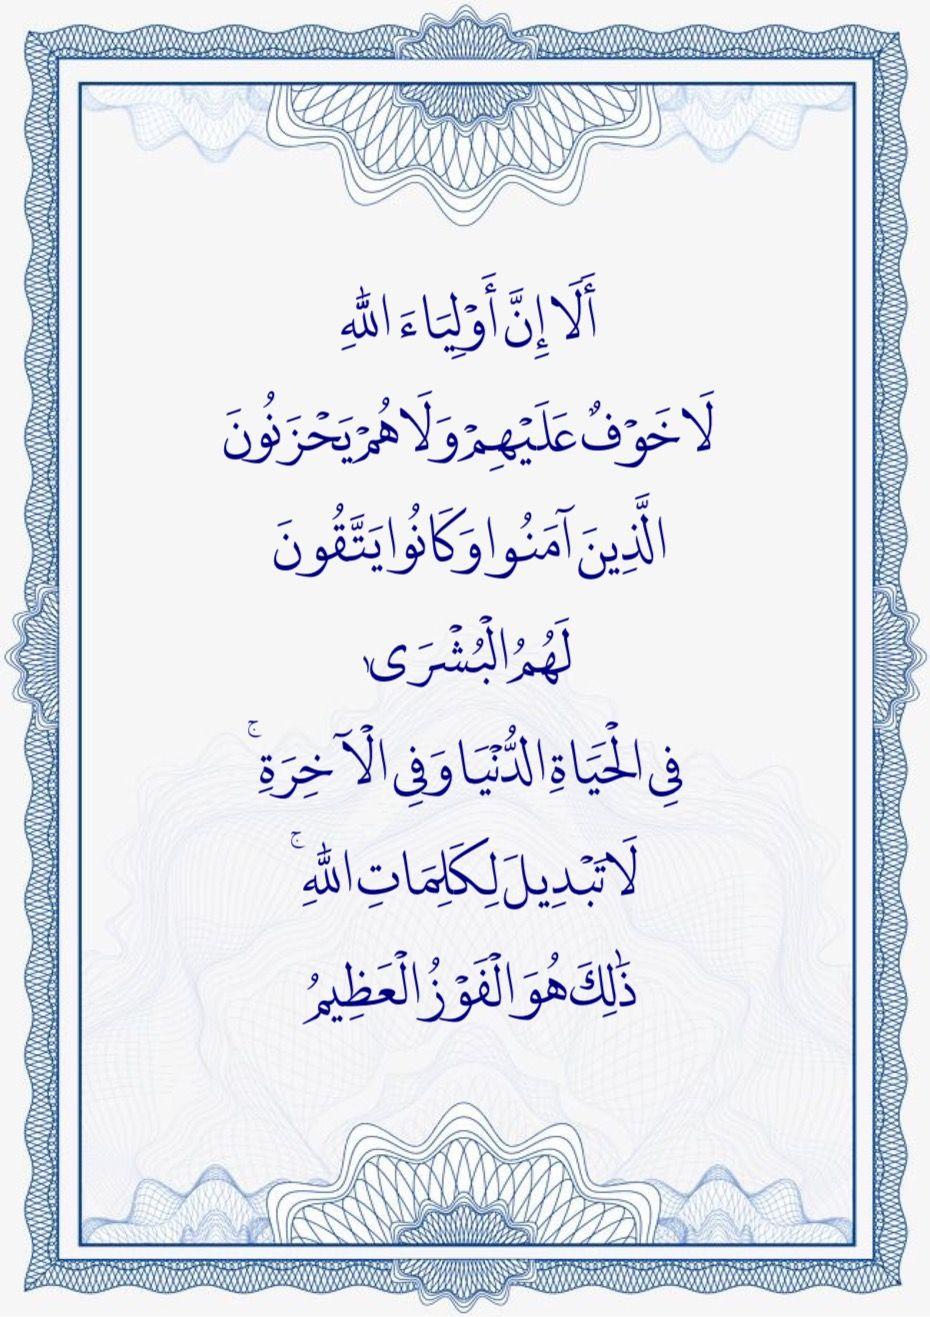 ألا إن أولياء الله لاخوف عليهم ولا هم يحزنون Quran Verses Islamic Art Quran